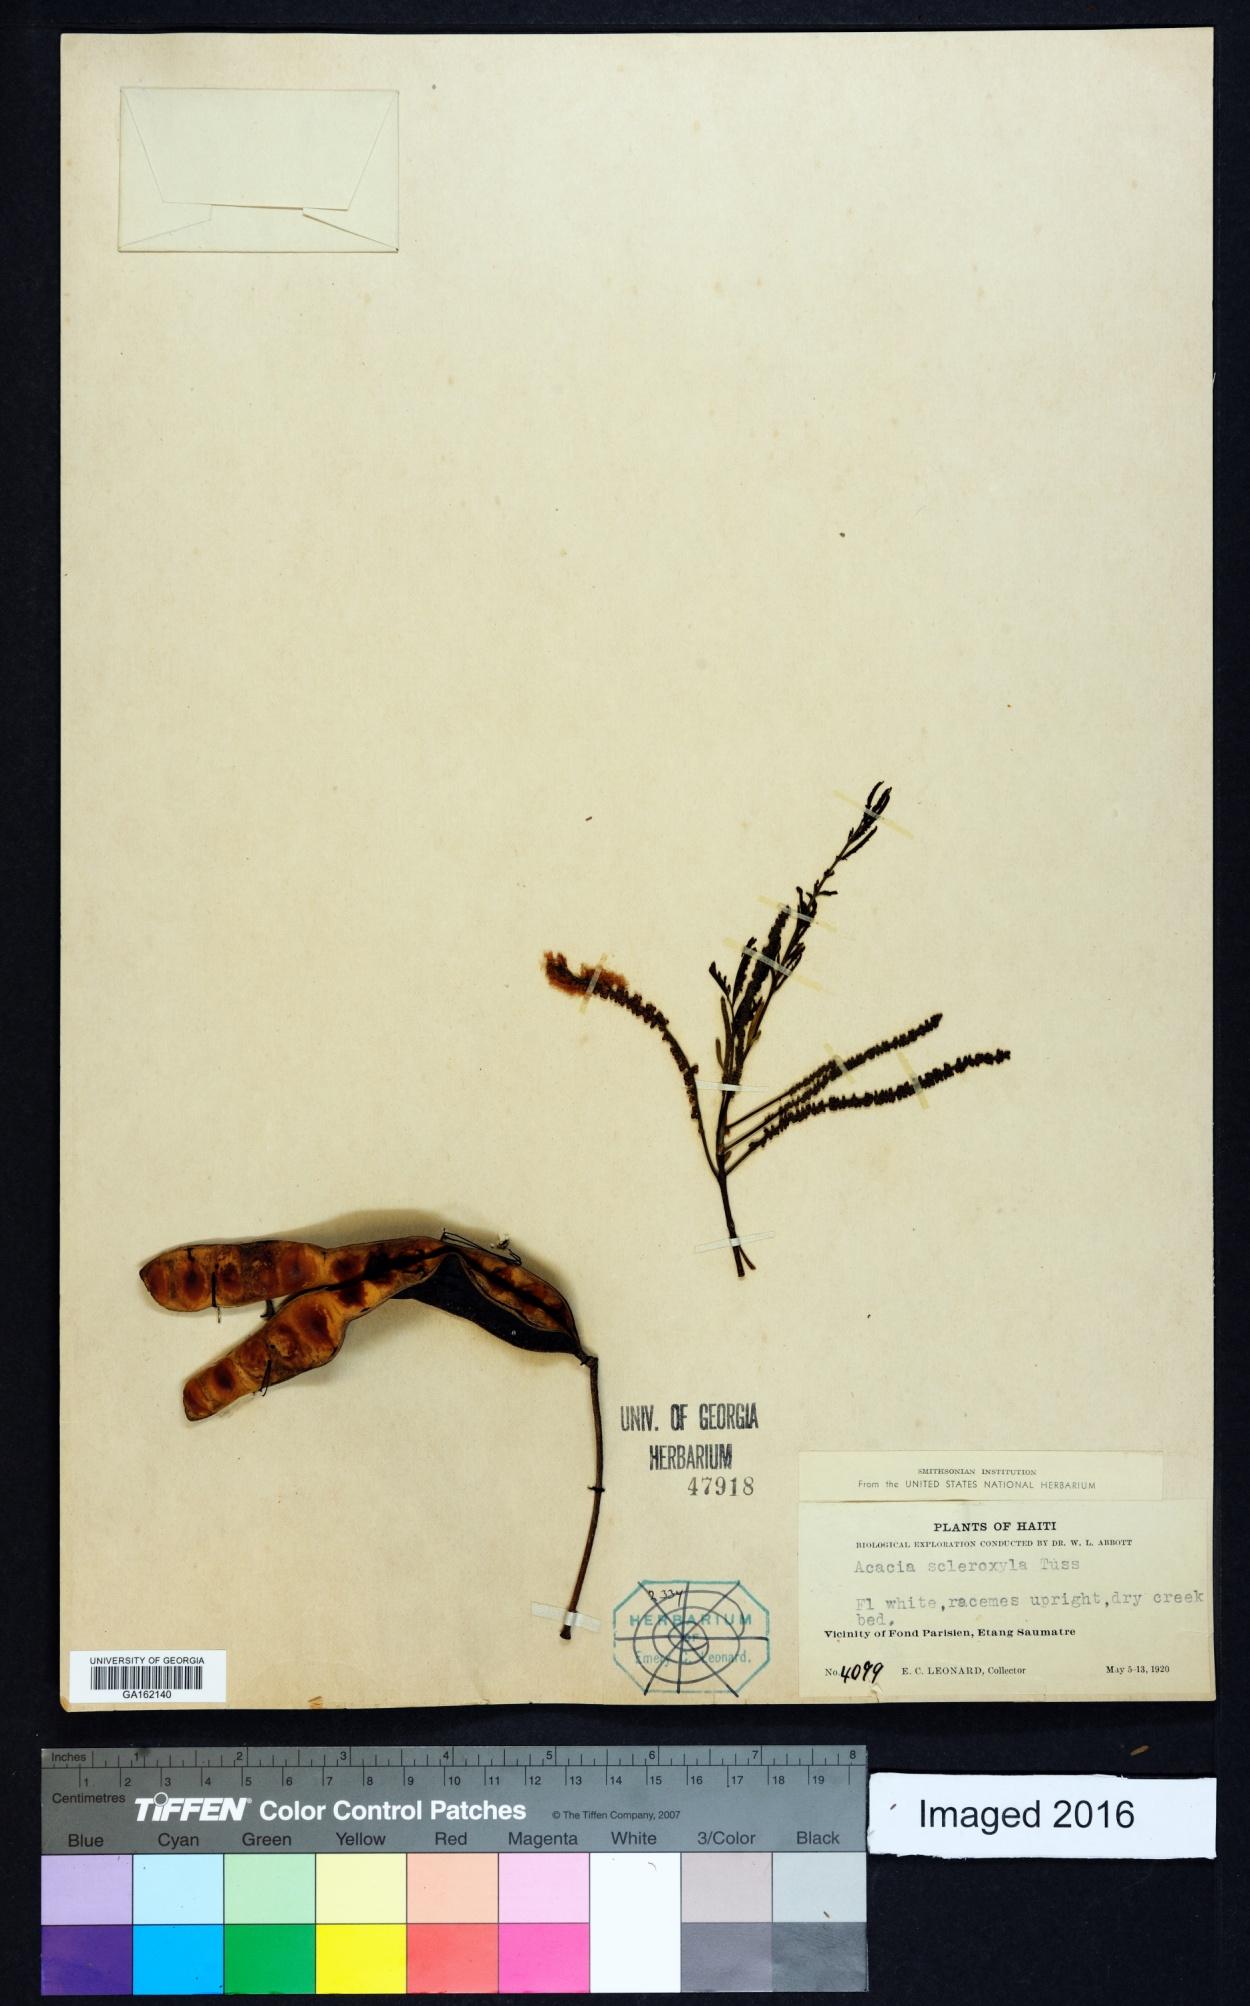 Acacia scleroxyla image